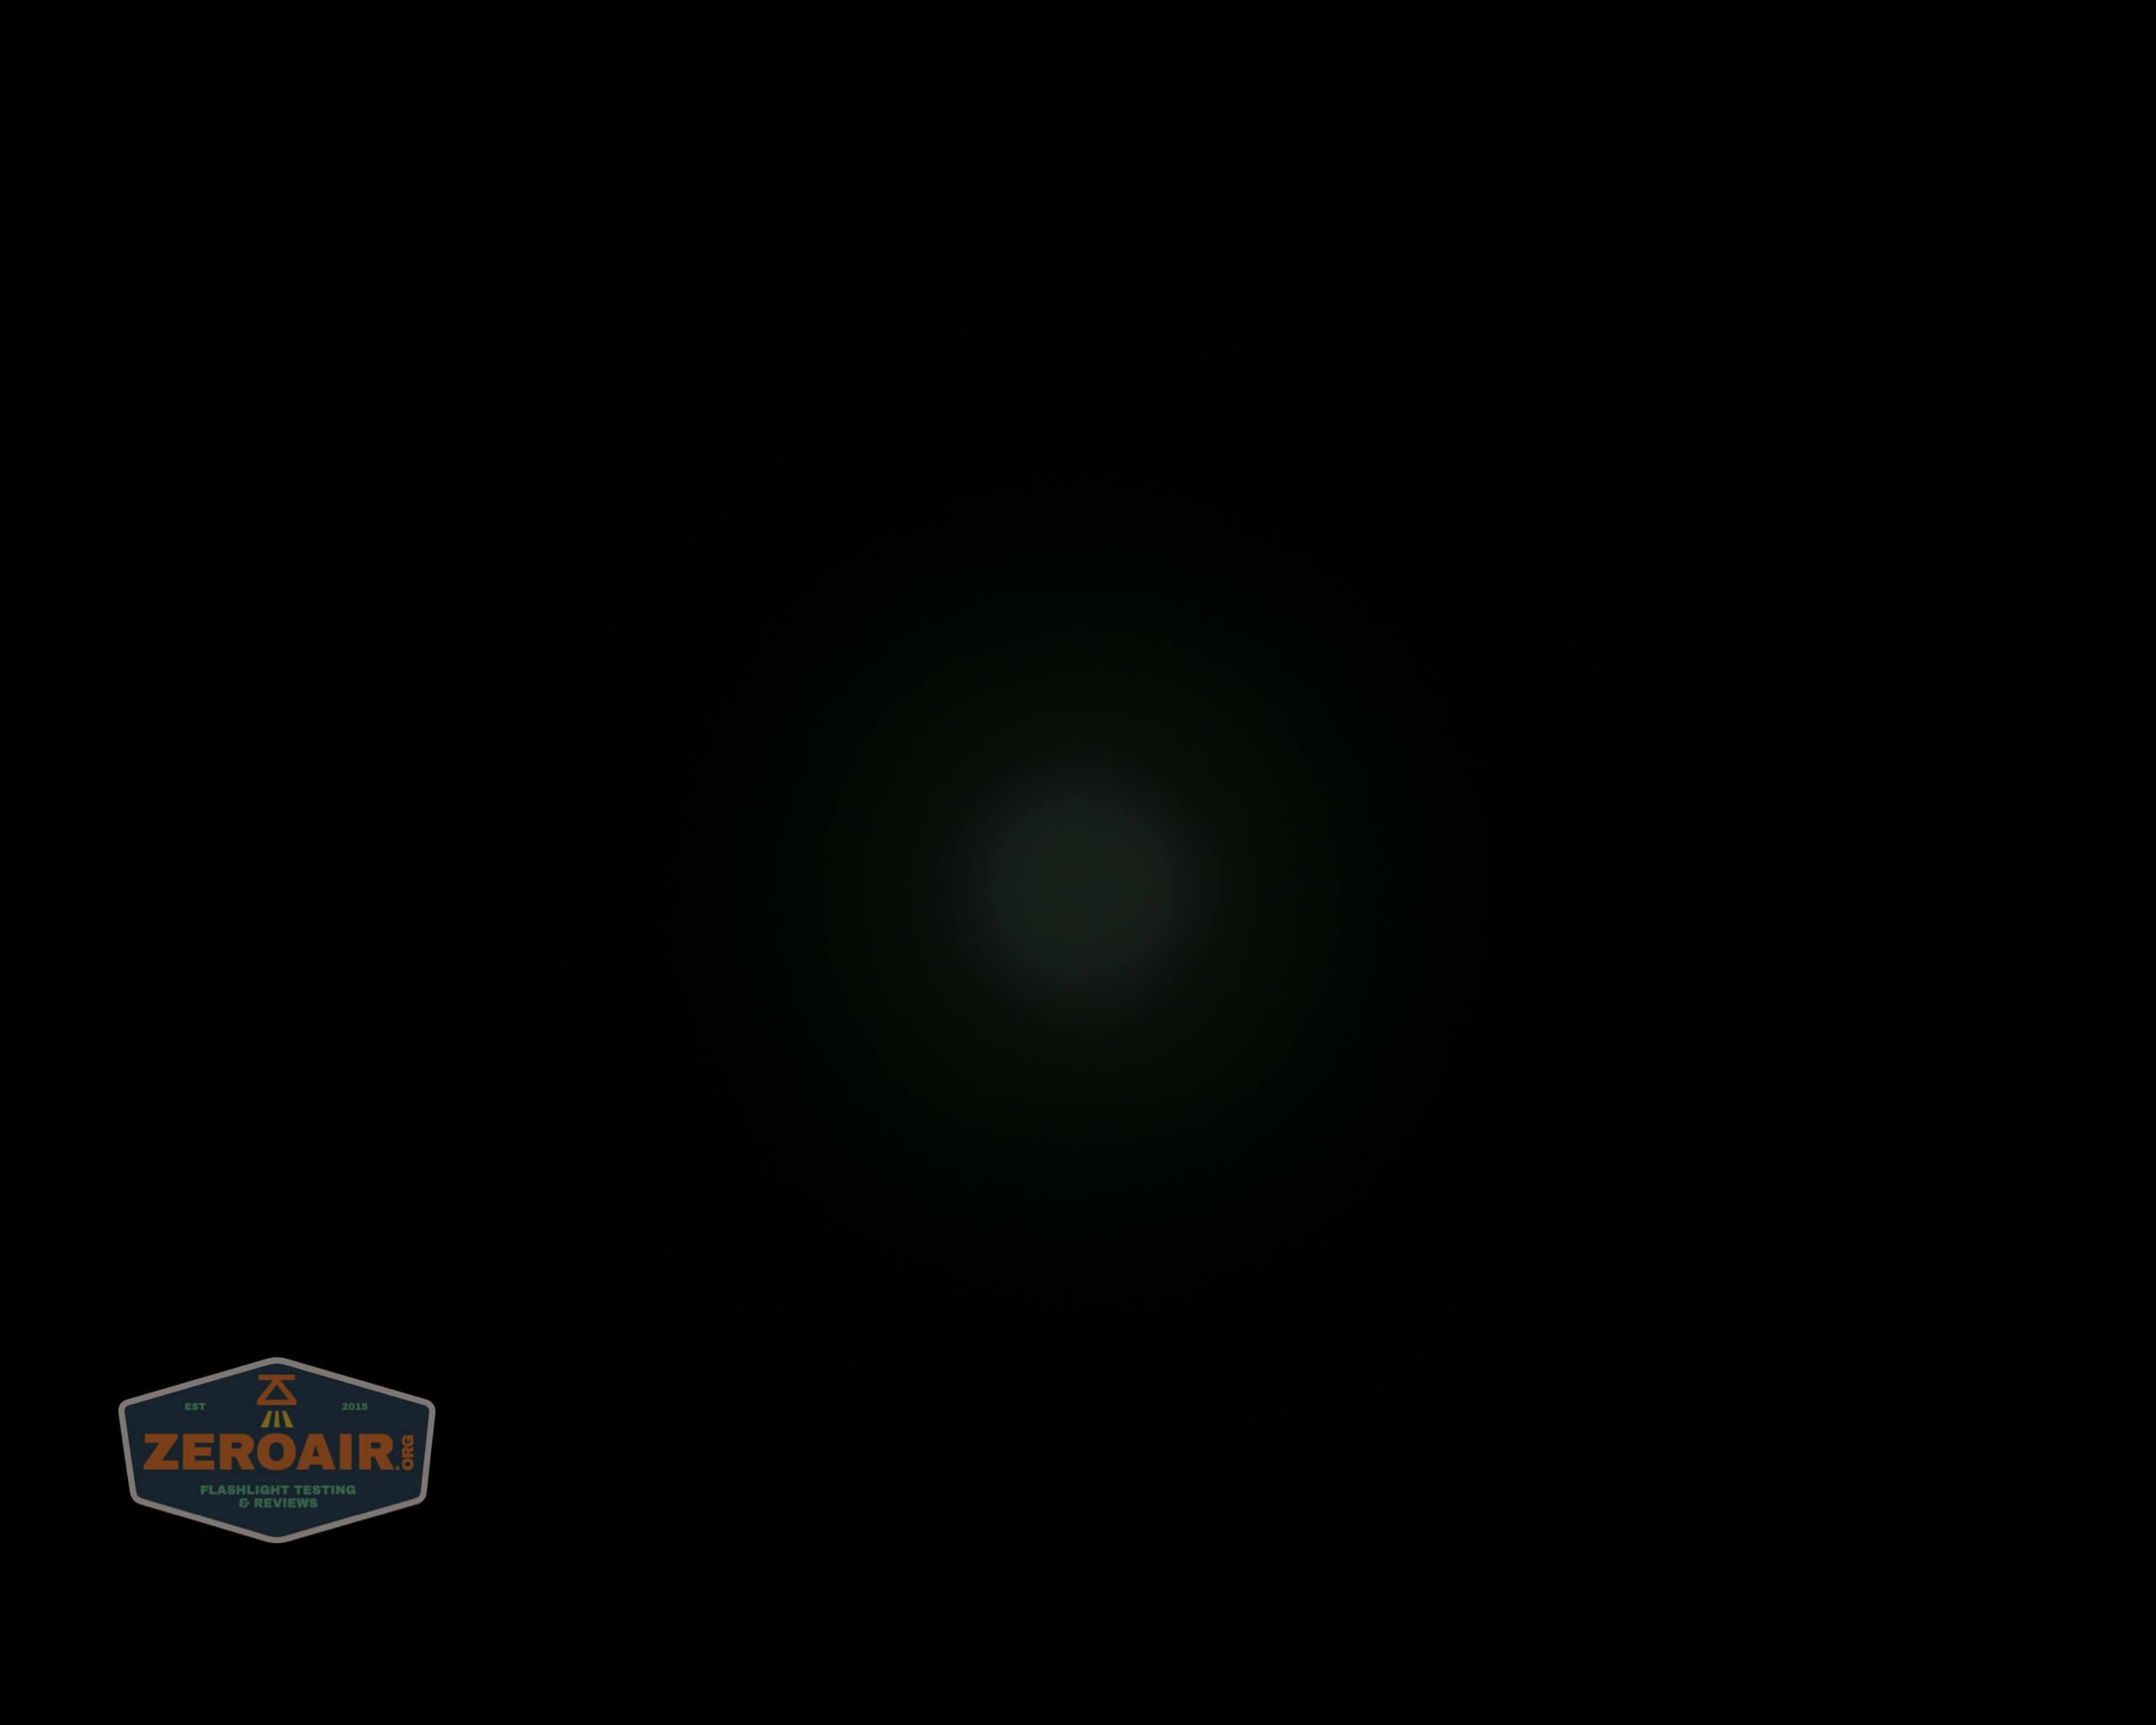 olight freyr rgb flashlight ceiling beamshots 1